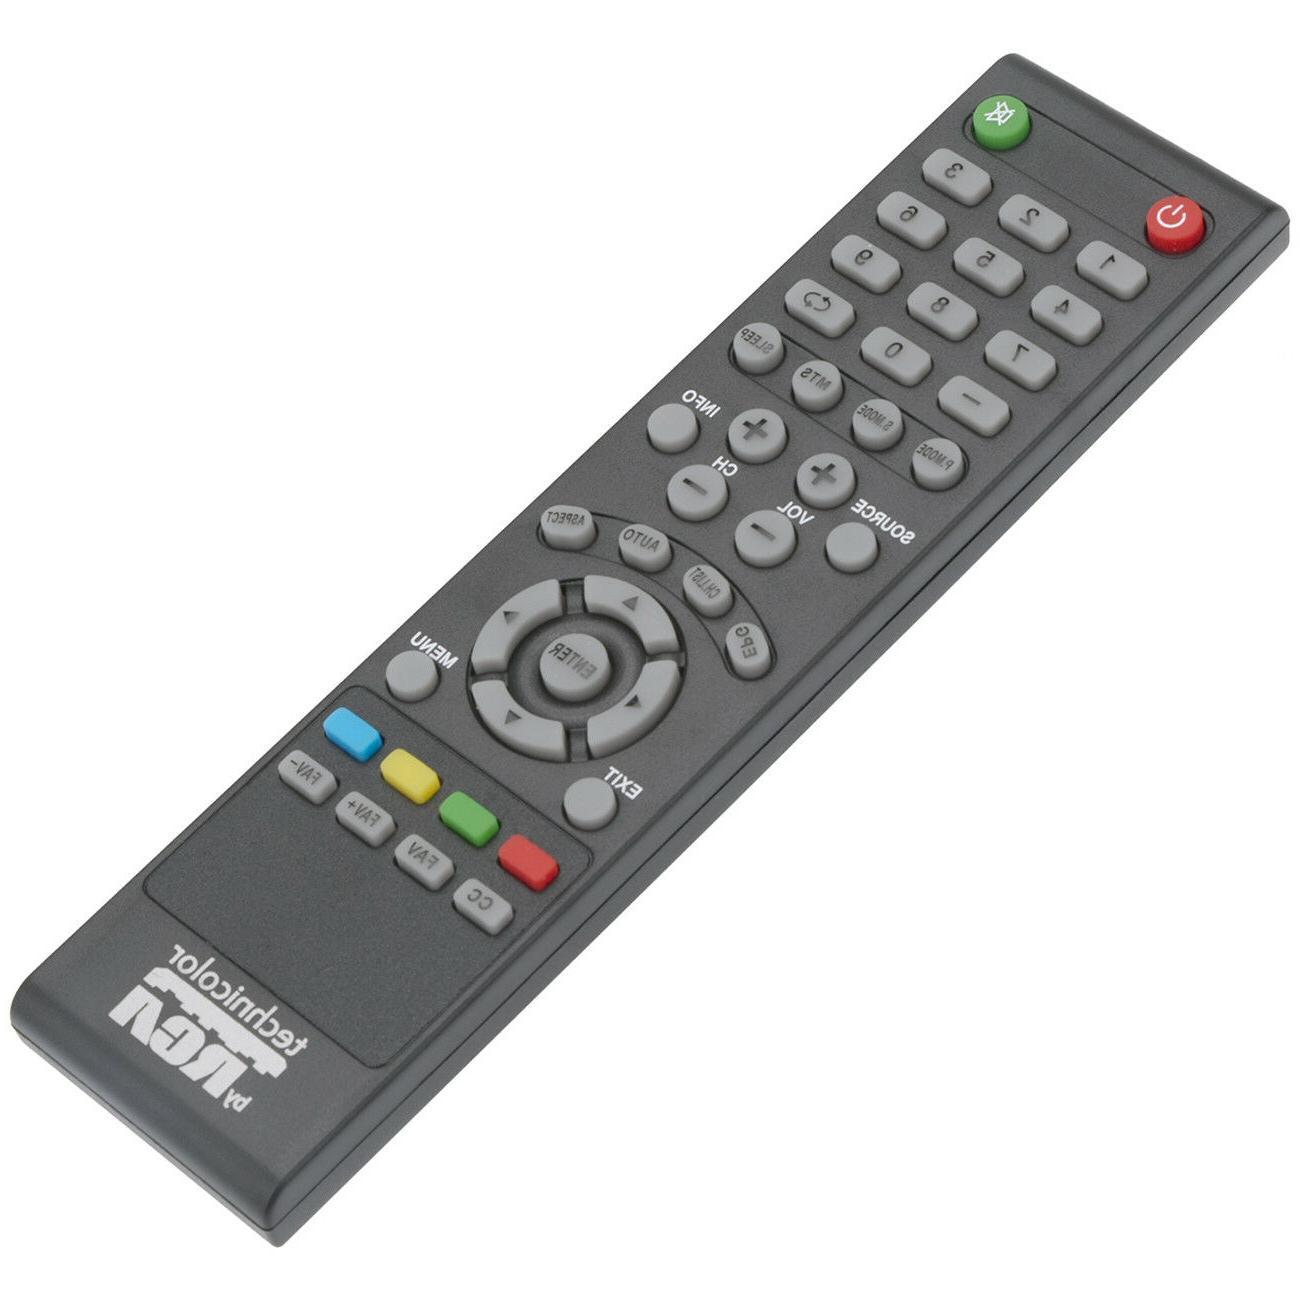 New Technicolor RCA for RLDED3956A RLDED5078A-B RTU5540-C